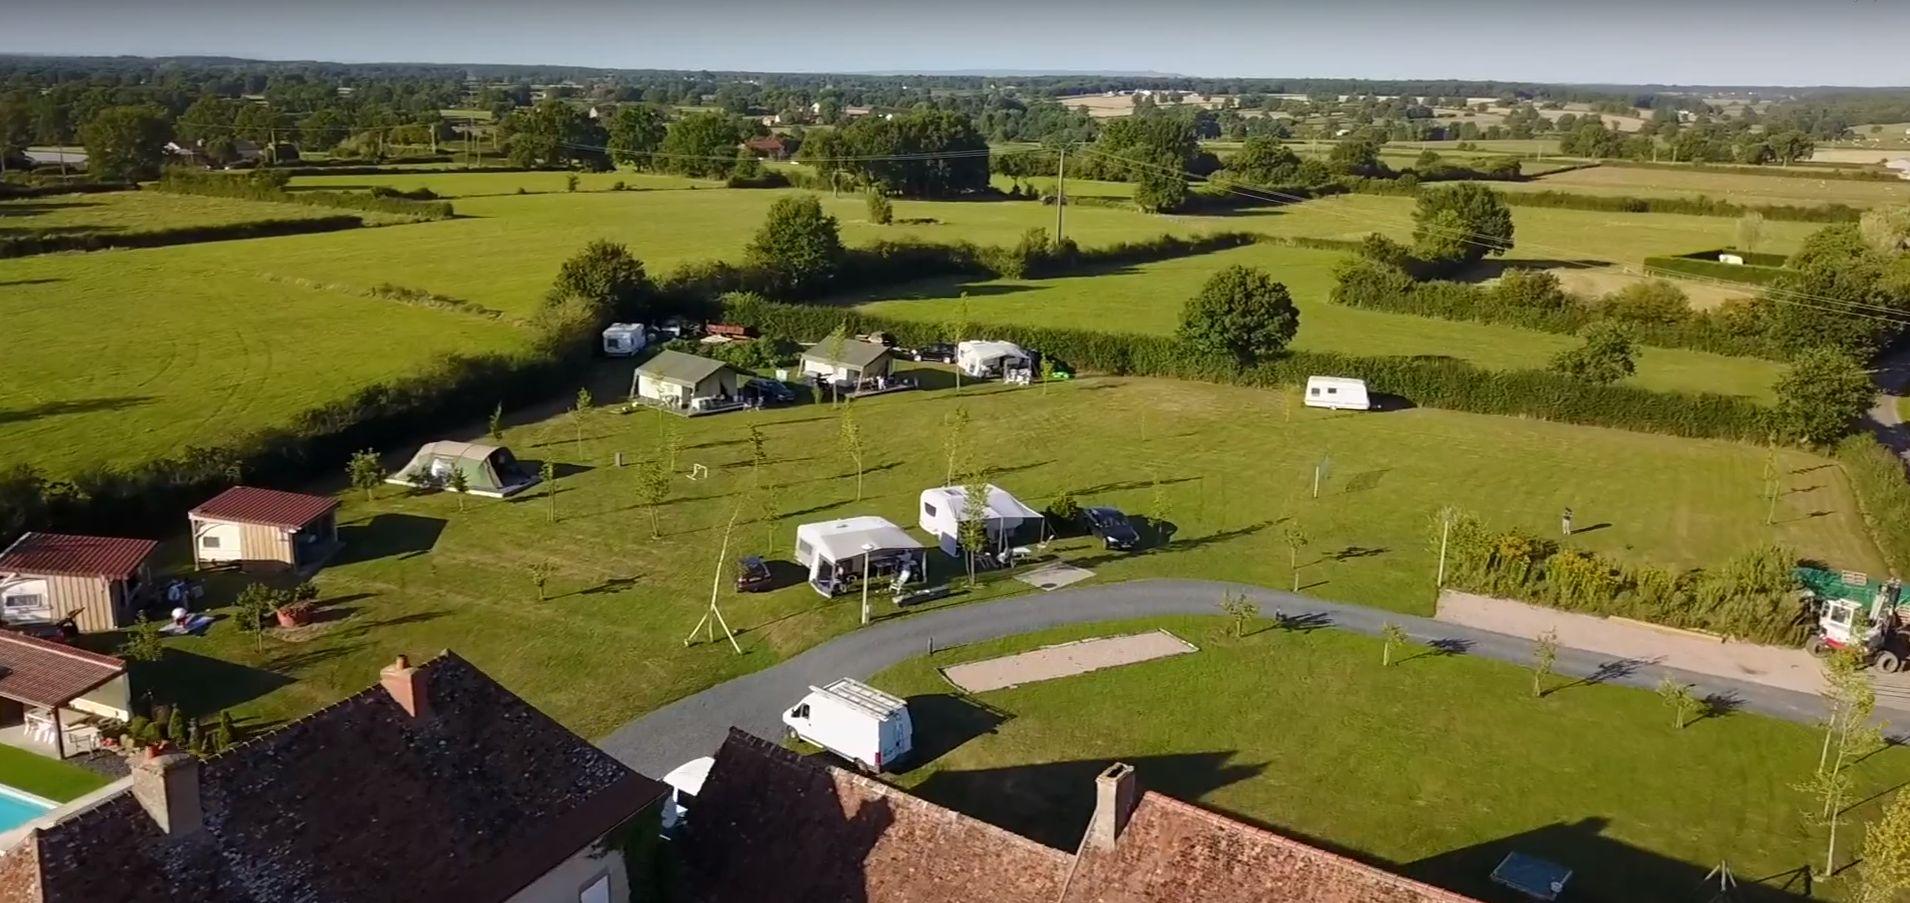 Camping La Maison Bornat Bourgogne - Glamping Frankrijk plattegrond - Luxe Tent Huren - www.LuxeTentHuren.nl